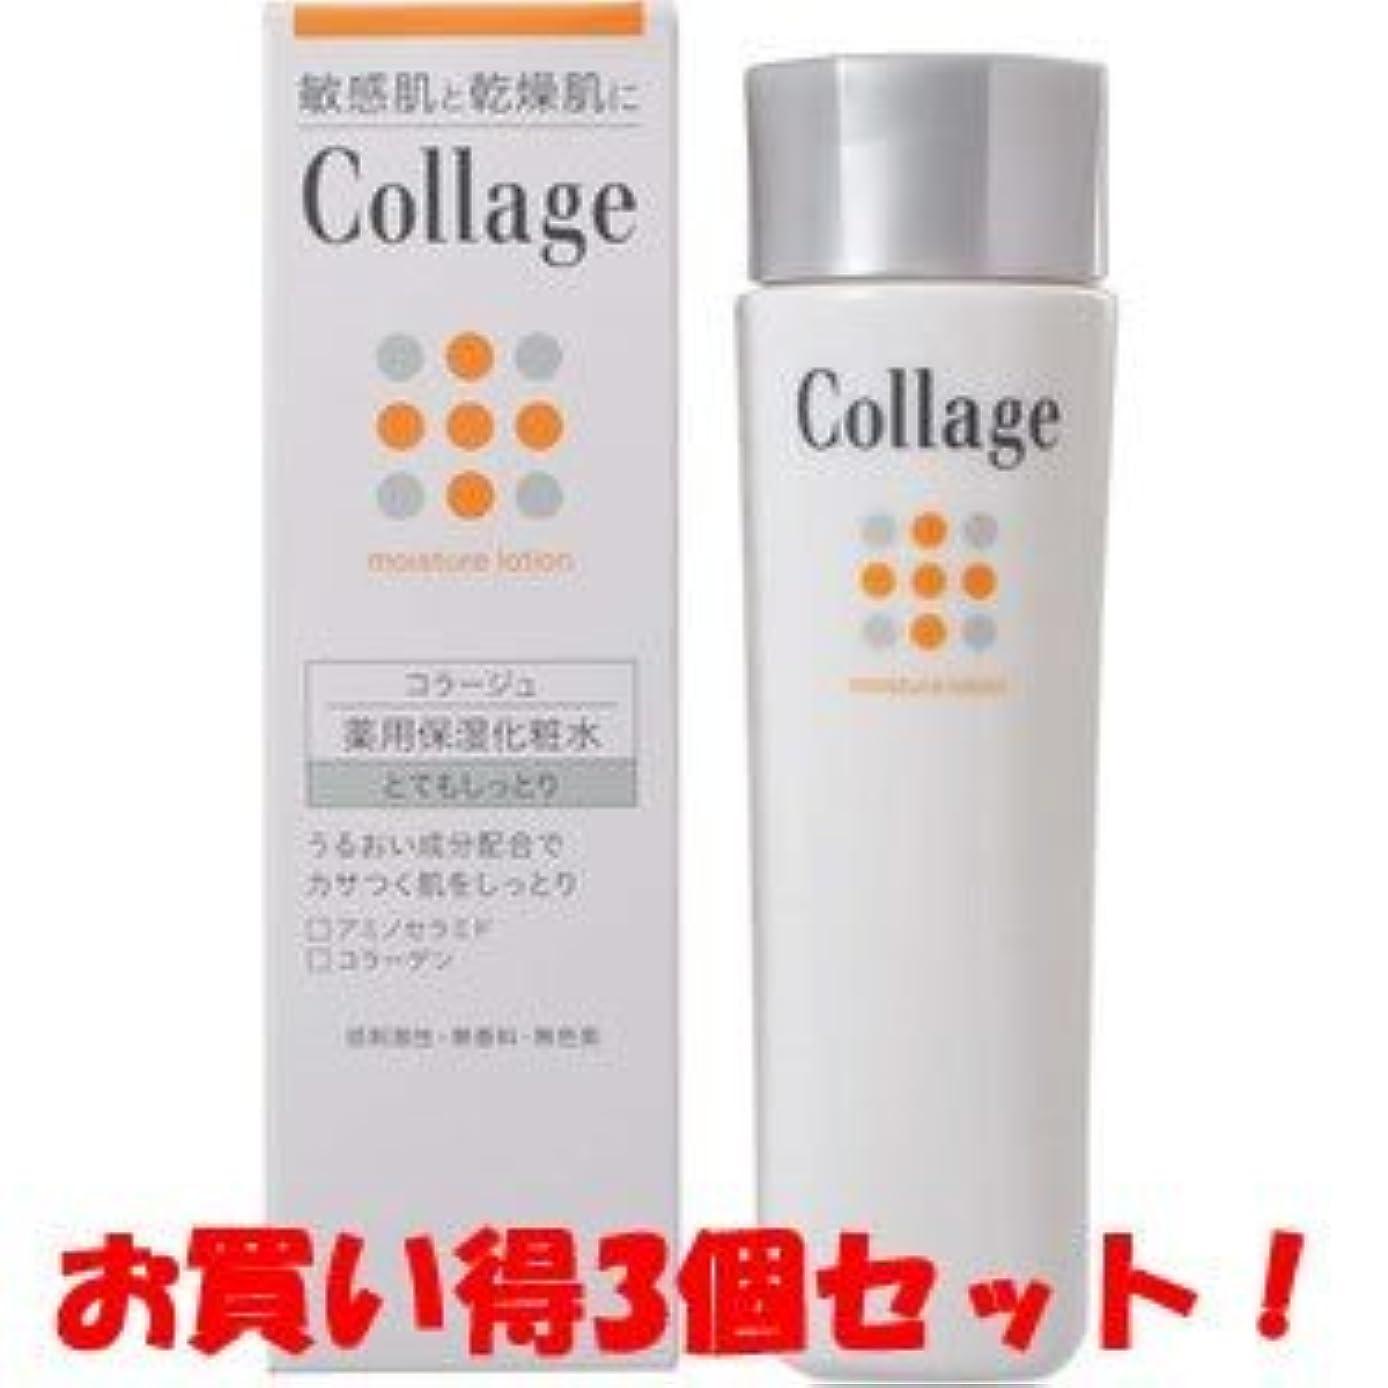 ルーキーデッキパネル(持田ヘルスケア)コラージュ 薬用保湿化粧水 とてもしっとり 120ml(医薬部外品)(お買い得3個セット)